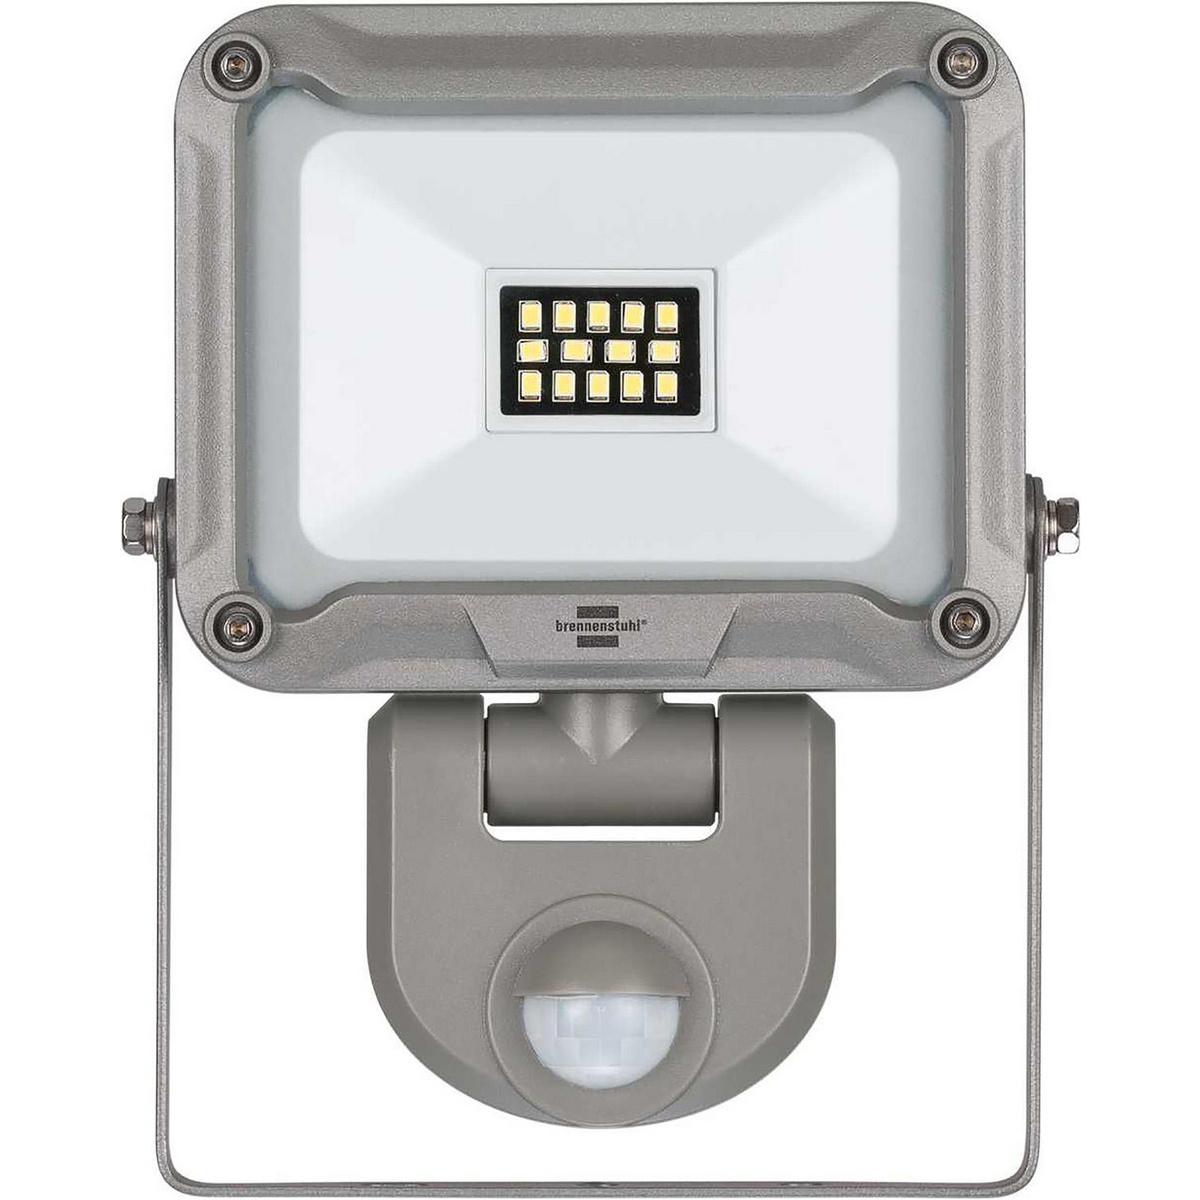 Adatto per installazione interna ed esterna, IP 44. Lampada LED a chip ad alta potenza da 10 W per montaggio a parete, con distribuzione della luce extra ampia per illuminare una vasta area. Ideale per hobbisti, officine e cantieri. Illumina automaticamen